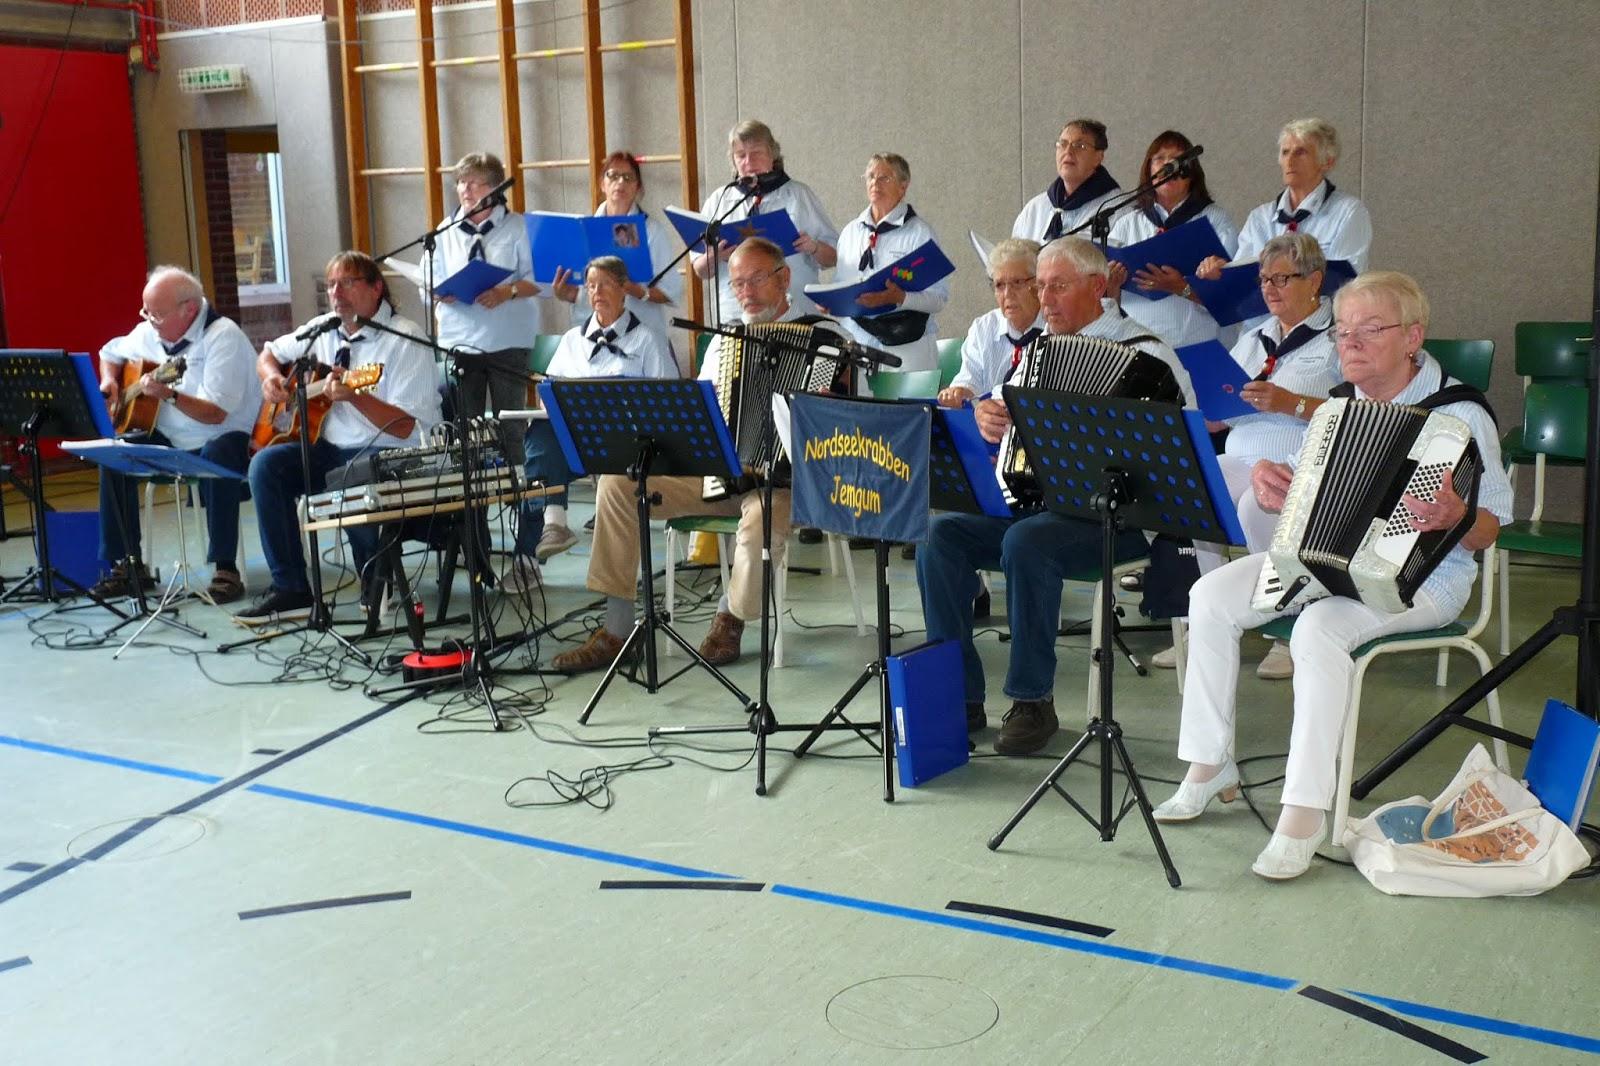 Die Nordseekrabben aus Jemgum begleiteten das Fest musikalisch - Quelle: Hans-Jürgen Adams - Wiesmoor Info Blogspot